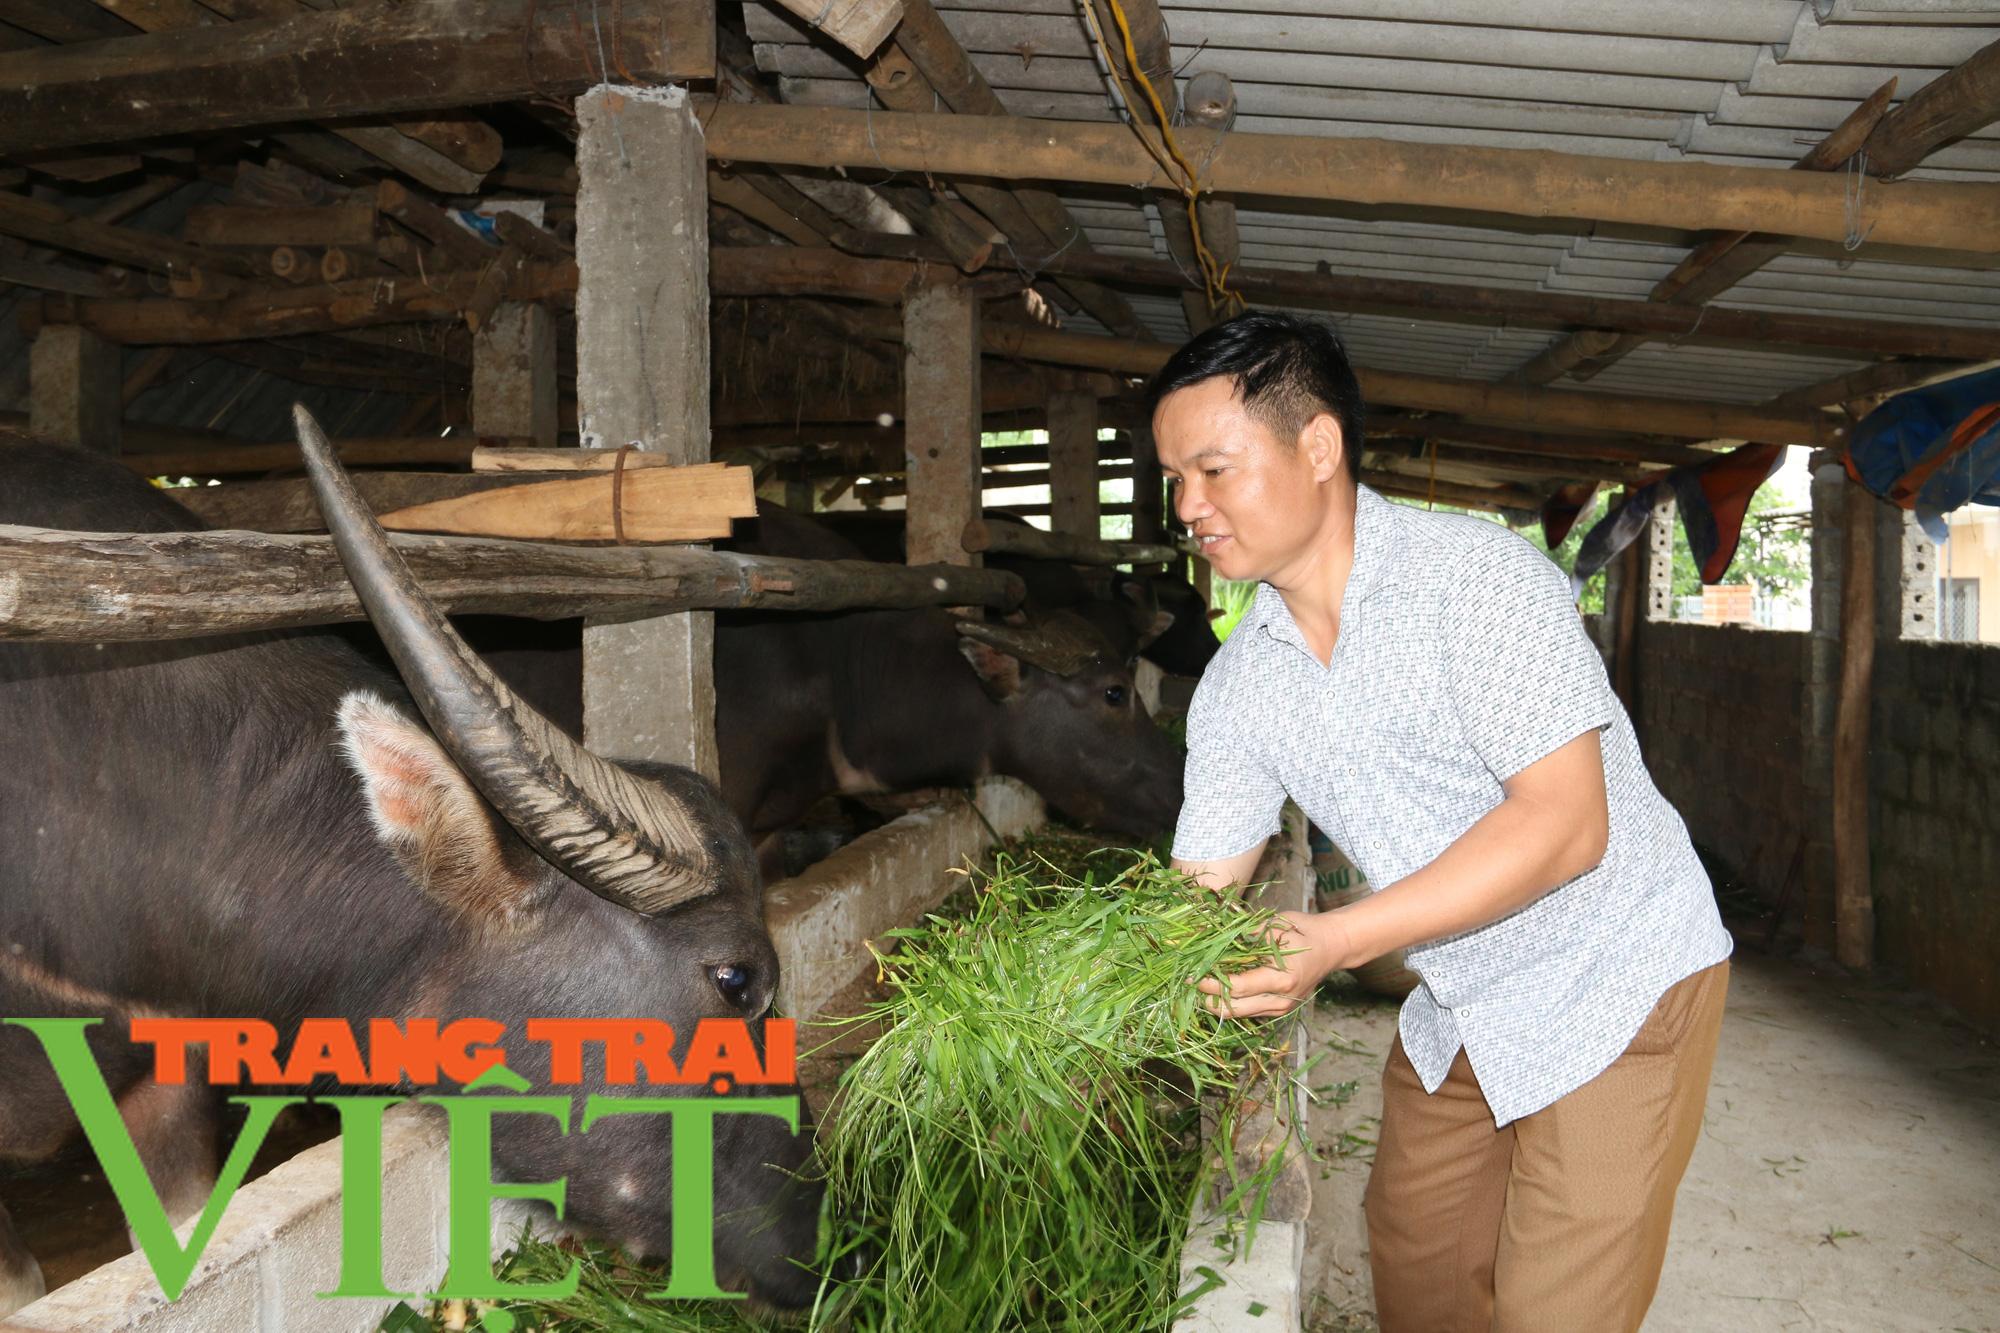 Hiệu quả mô hình nuôi trâu vỗ béo của Hội Nông dân xã Dũng Phong - Ảnh 2.